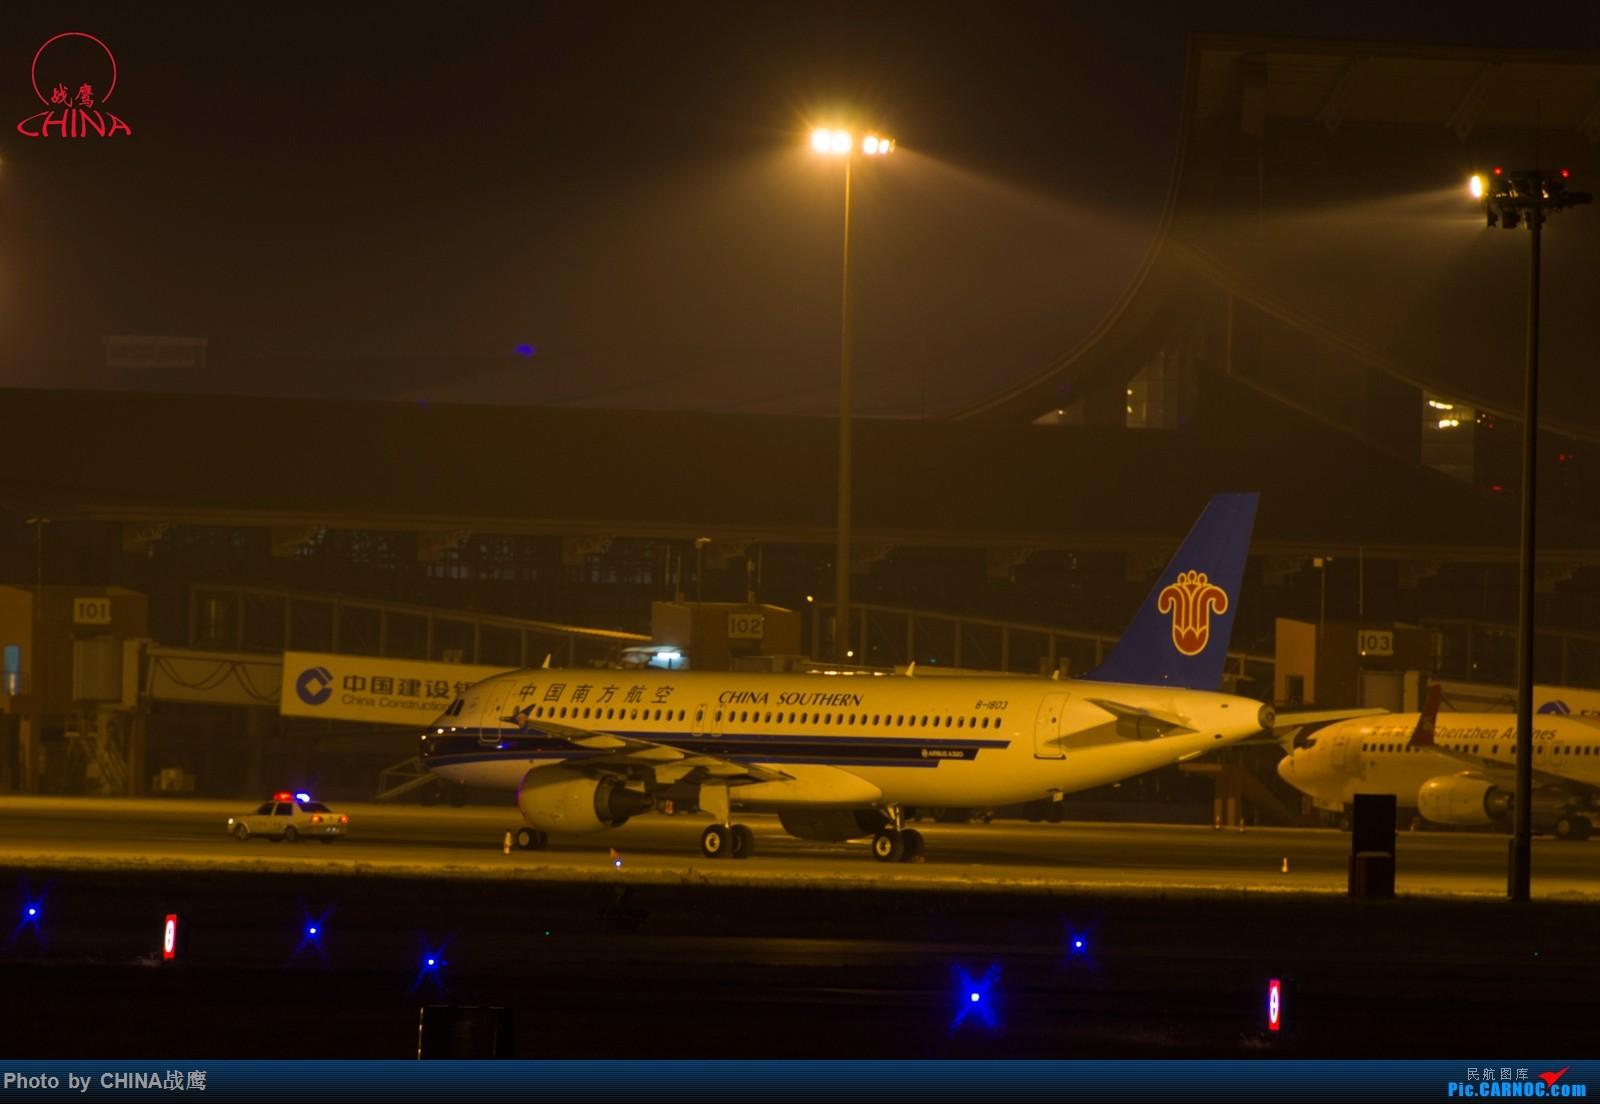 Re:[原创]【SHE】第三季度桃仙拍飞机集锦 AIRBUS A320-200 B-1803 中国沈阳桃仙国际机场